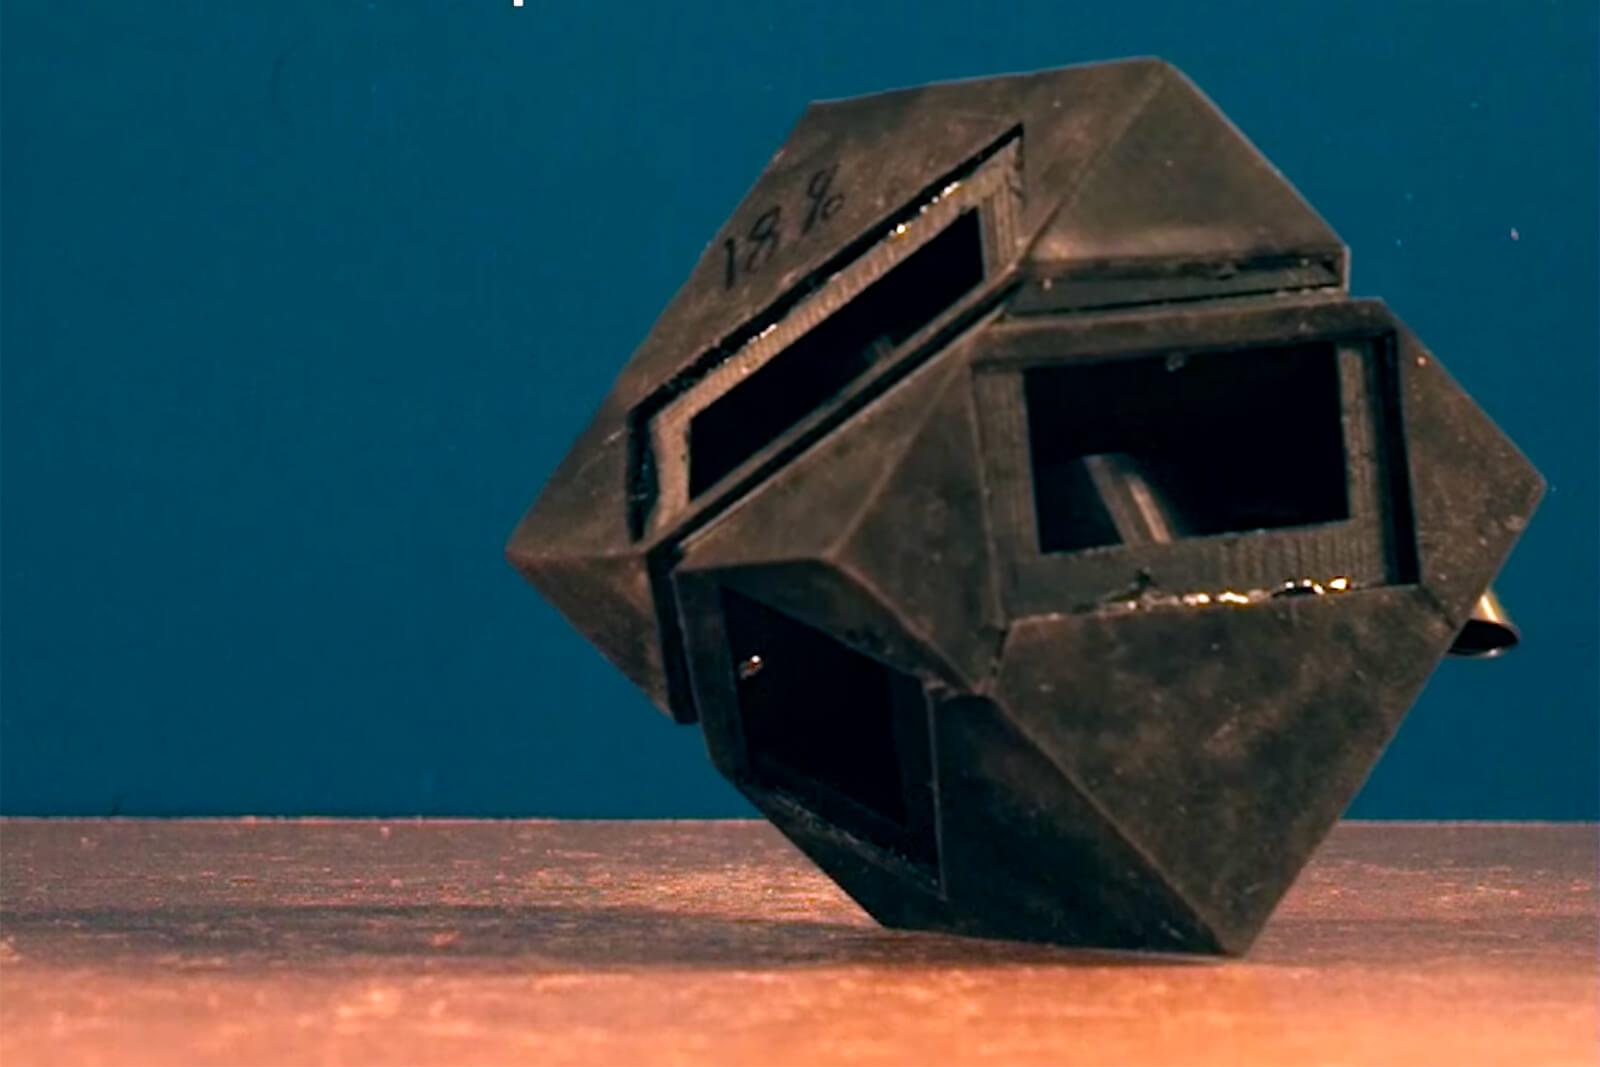 Учёные MIT представили 3D-печатные вязкоупругие материалы с уникальными свойствами